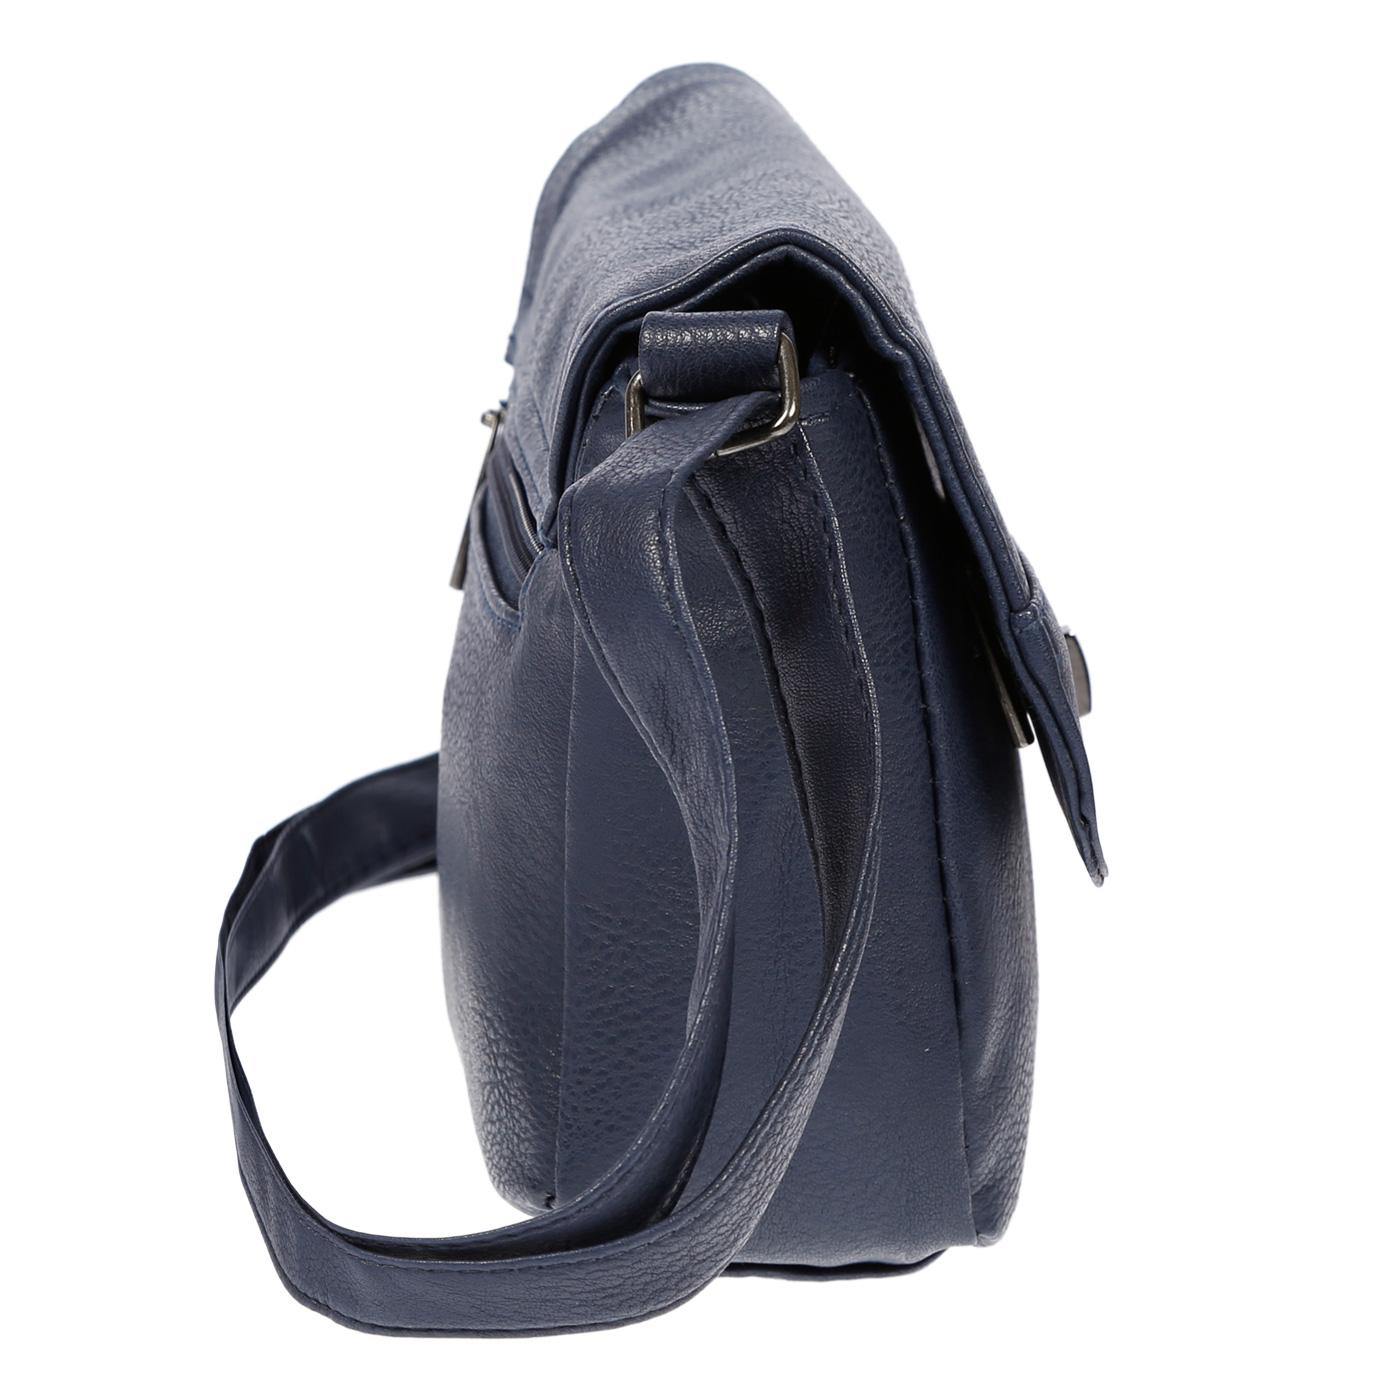 Kleine-Damen-Tasche-Umhaengetasche-Schultertasche-Crossover-Bag-Leder-Optik-NEU Indexbild 39